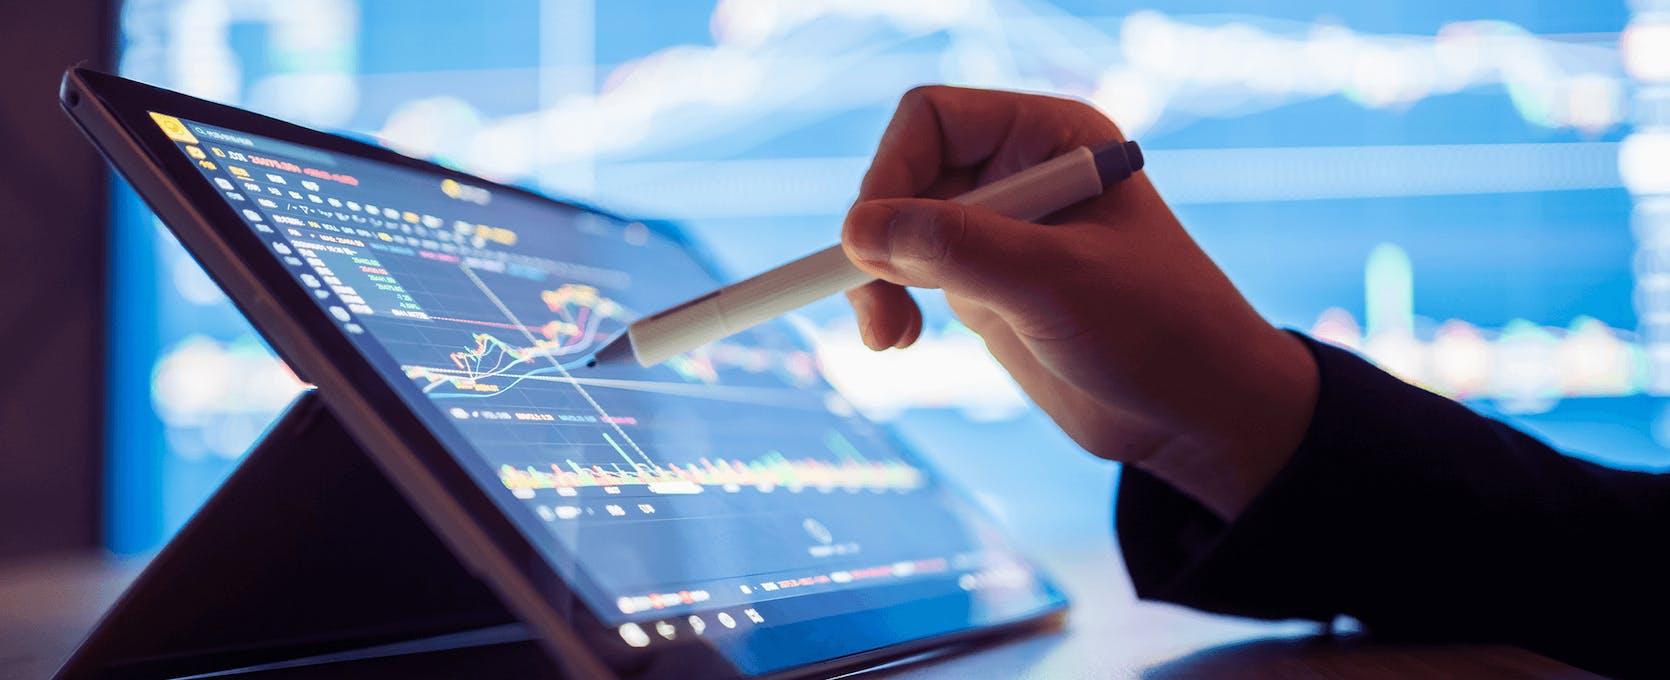 Analyzing program data on tablet